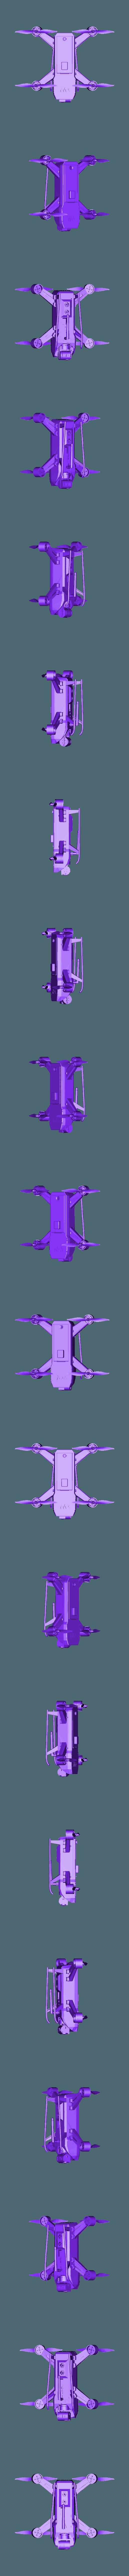 Sp_drone_all_w_component.stl Télécharger fichier STL gratuit Drone Sprank (bourdon de course avec cardan à came) • Objet pour impression 3D, mwilmars